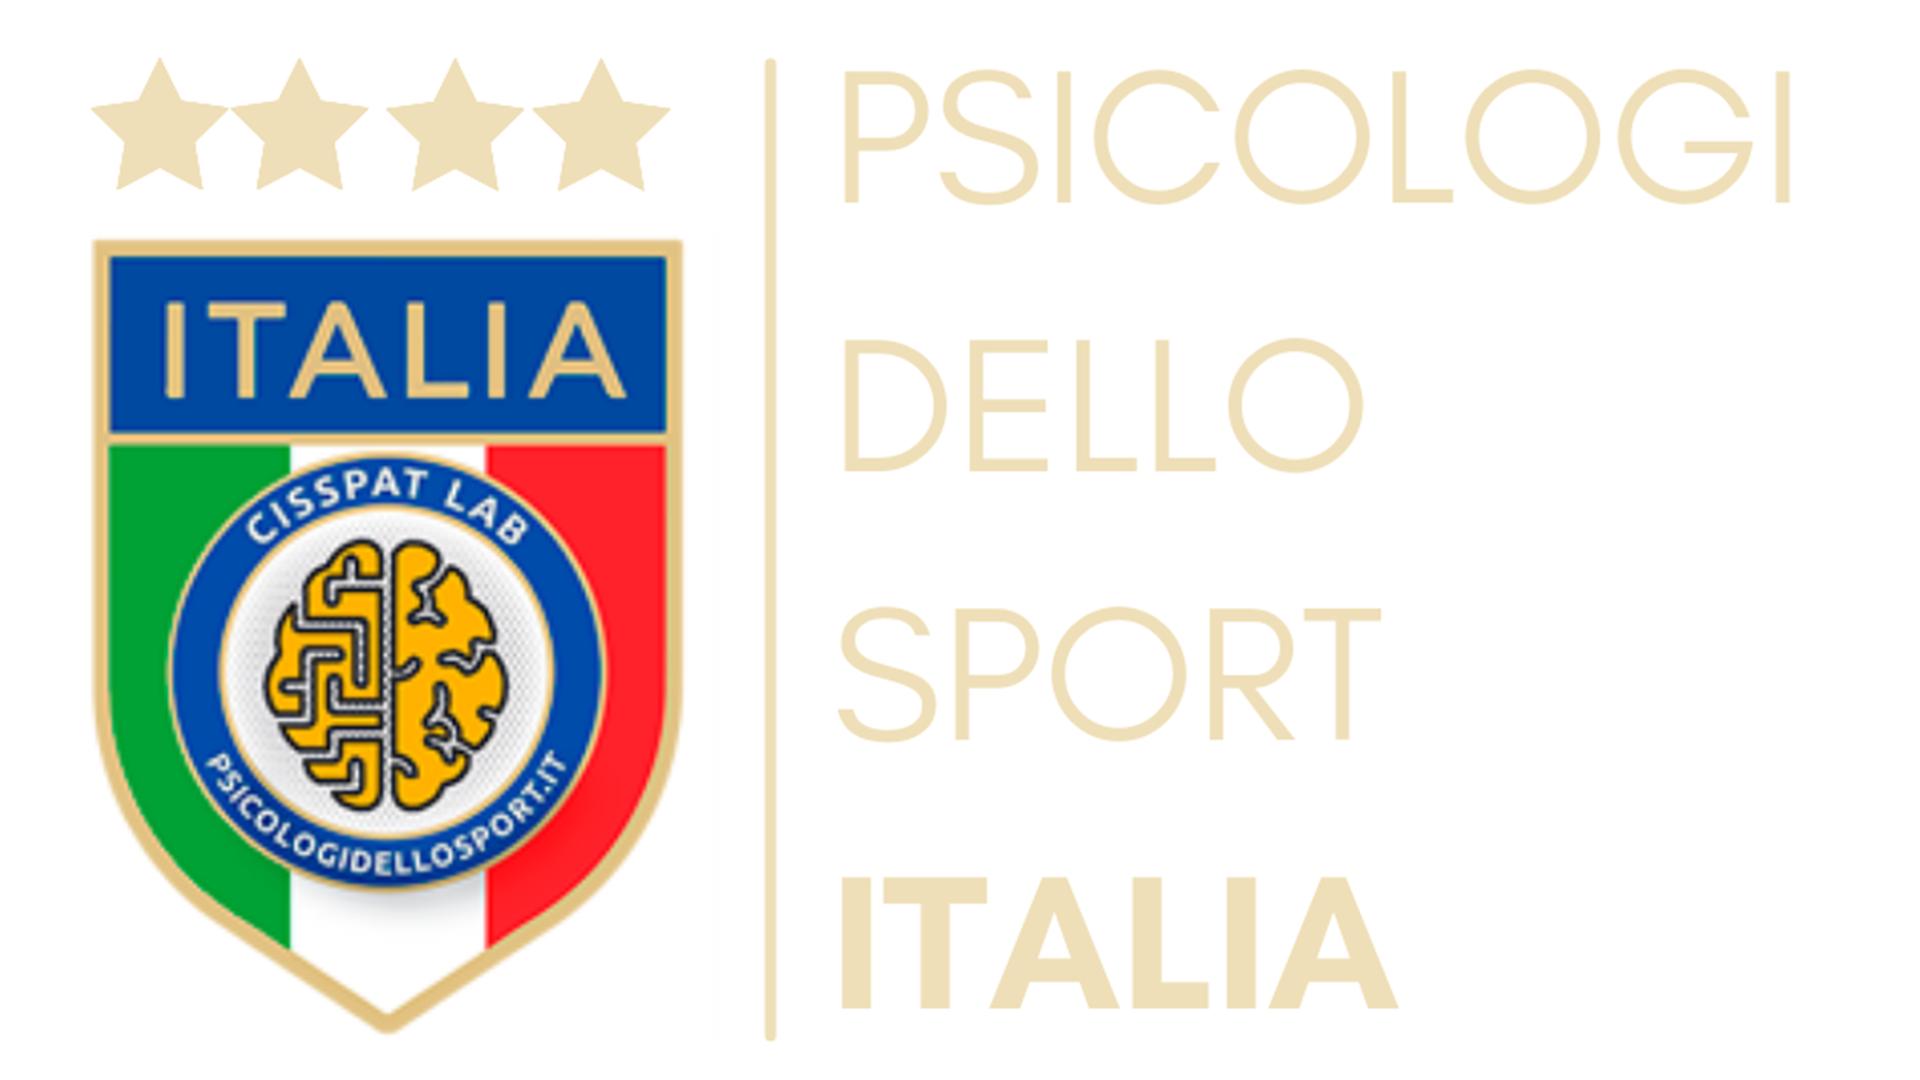 Psicologi dello Sport | ITALIA